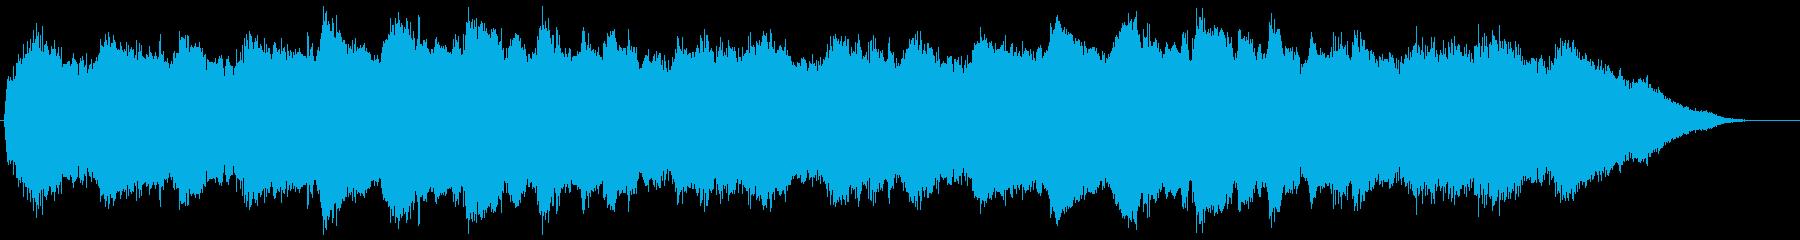 フィールド 2 の再生済みの波形